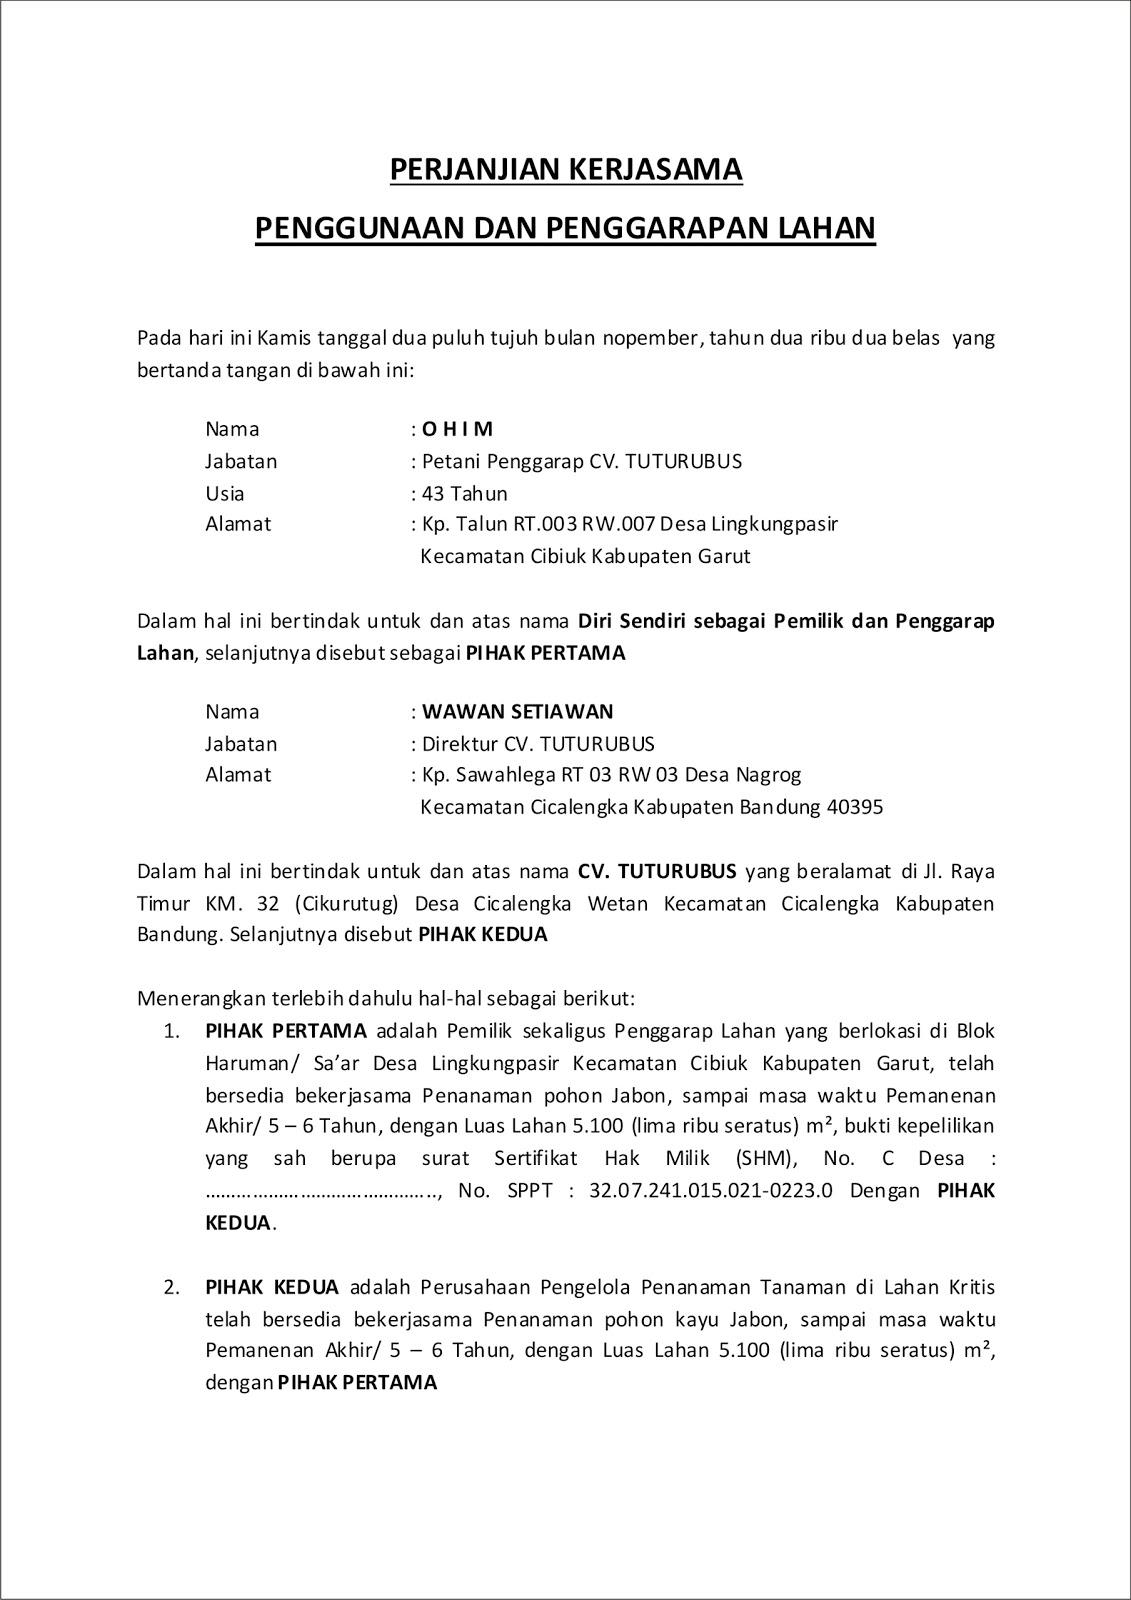 Gerakan Nusantara Hijau Contoh Perjanjian Kontrak Kerjasama